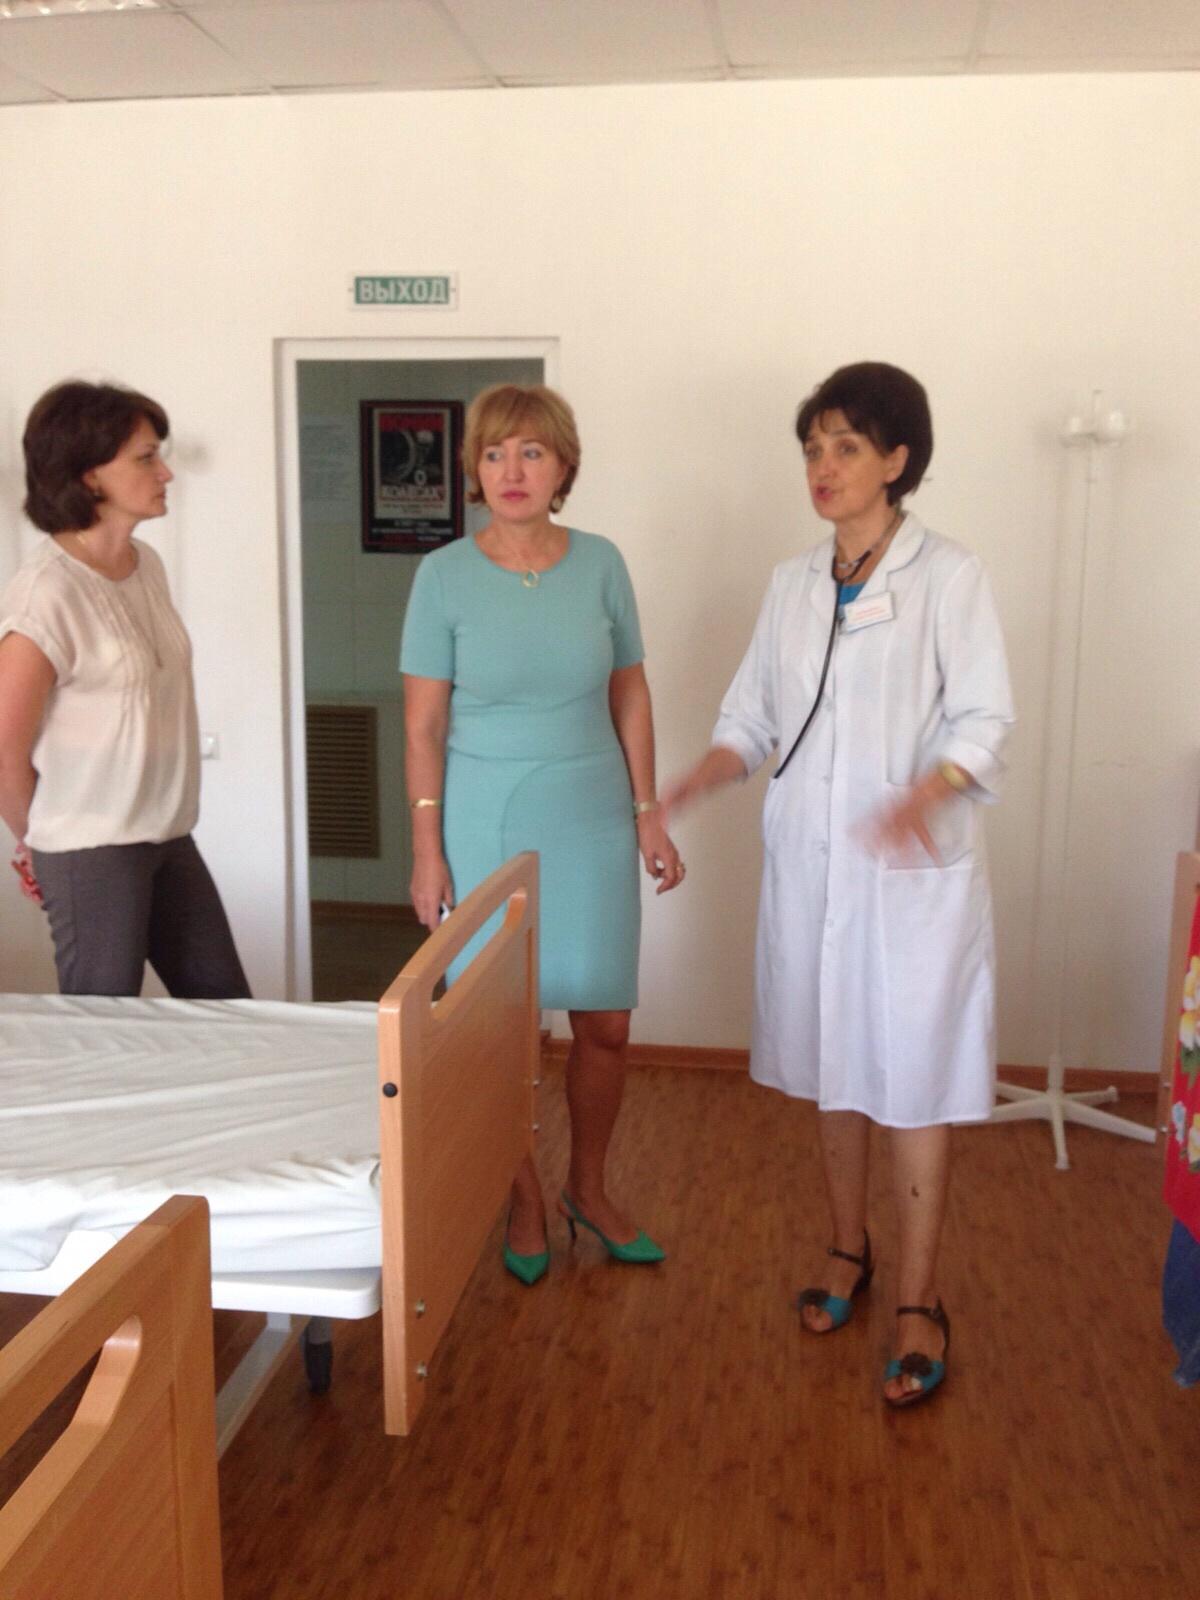 Областная больница им семашко нижний новгород специалисты